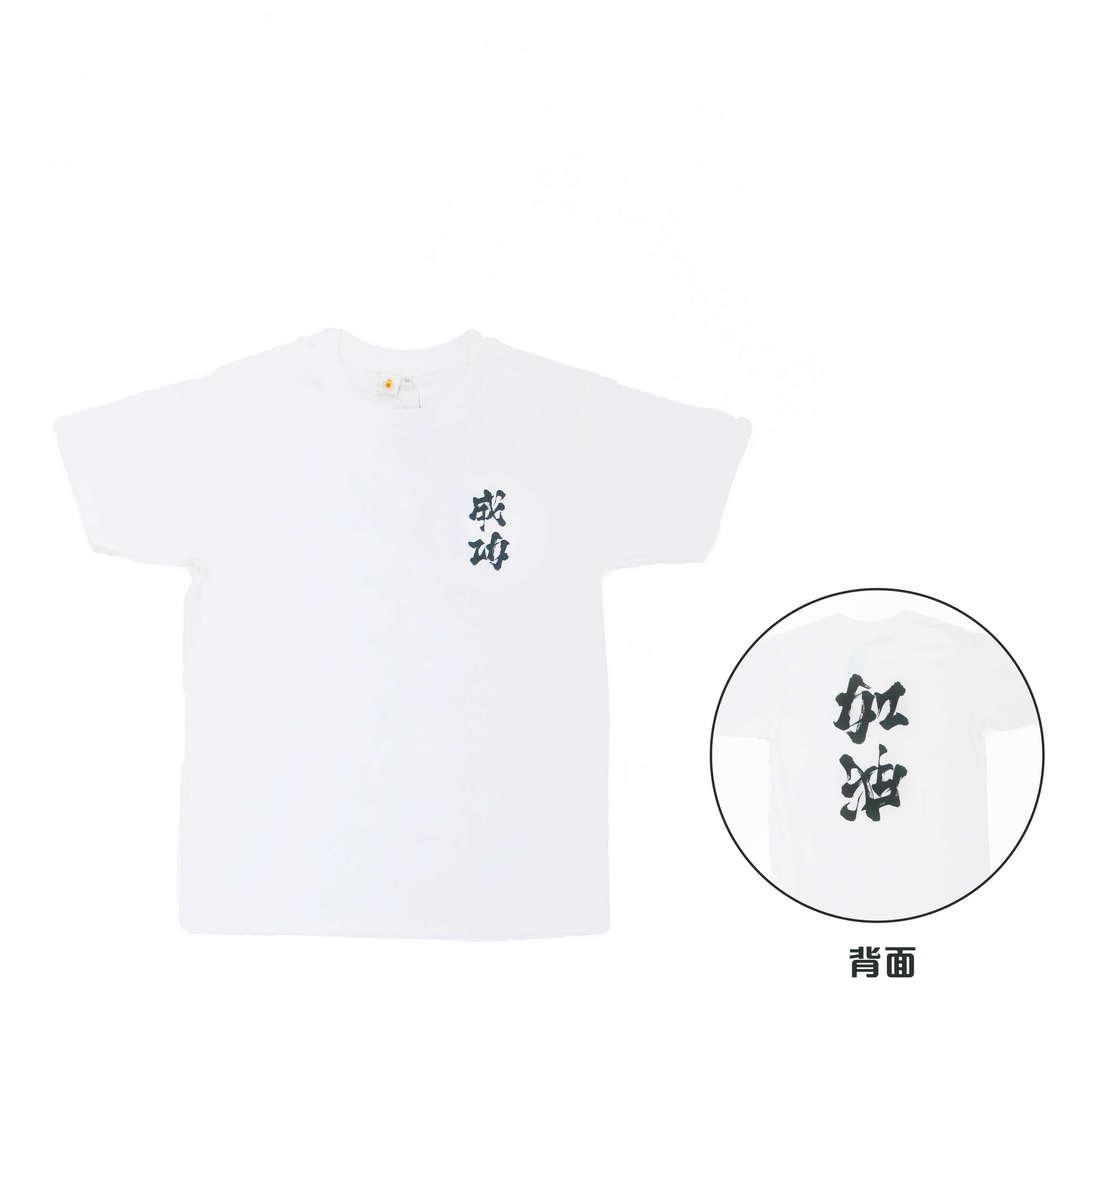 成功(F)/加油(B)-Tshirt-白底黑字(L)